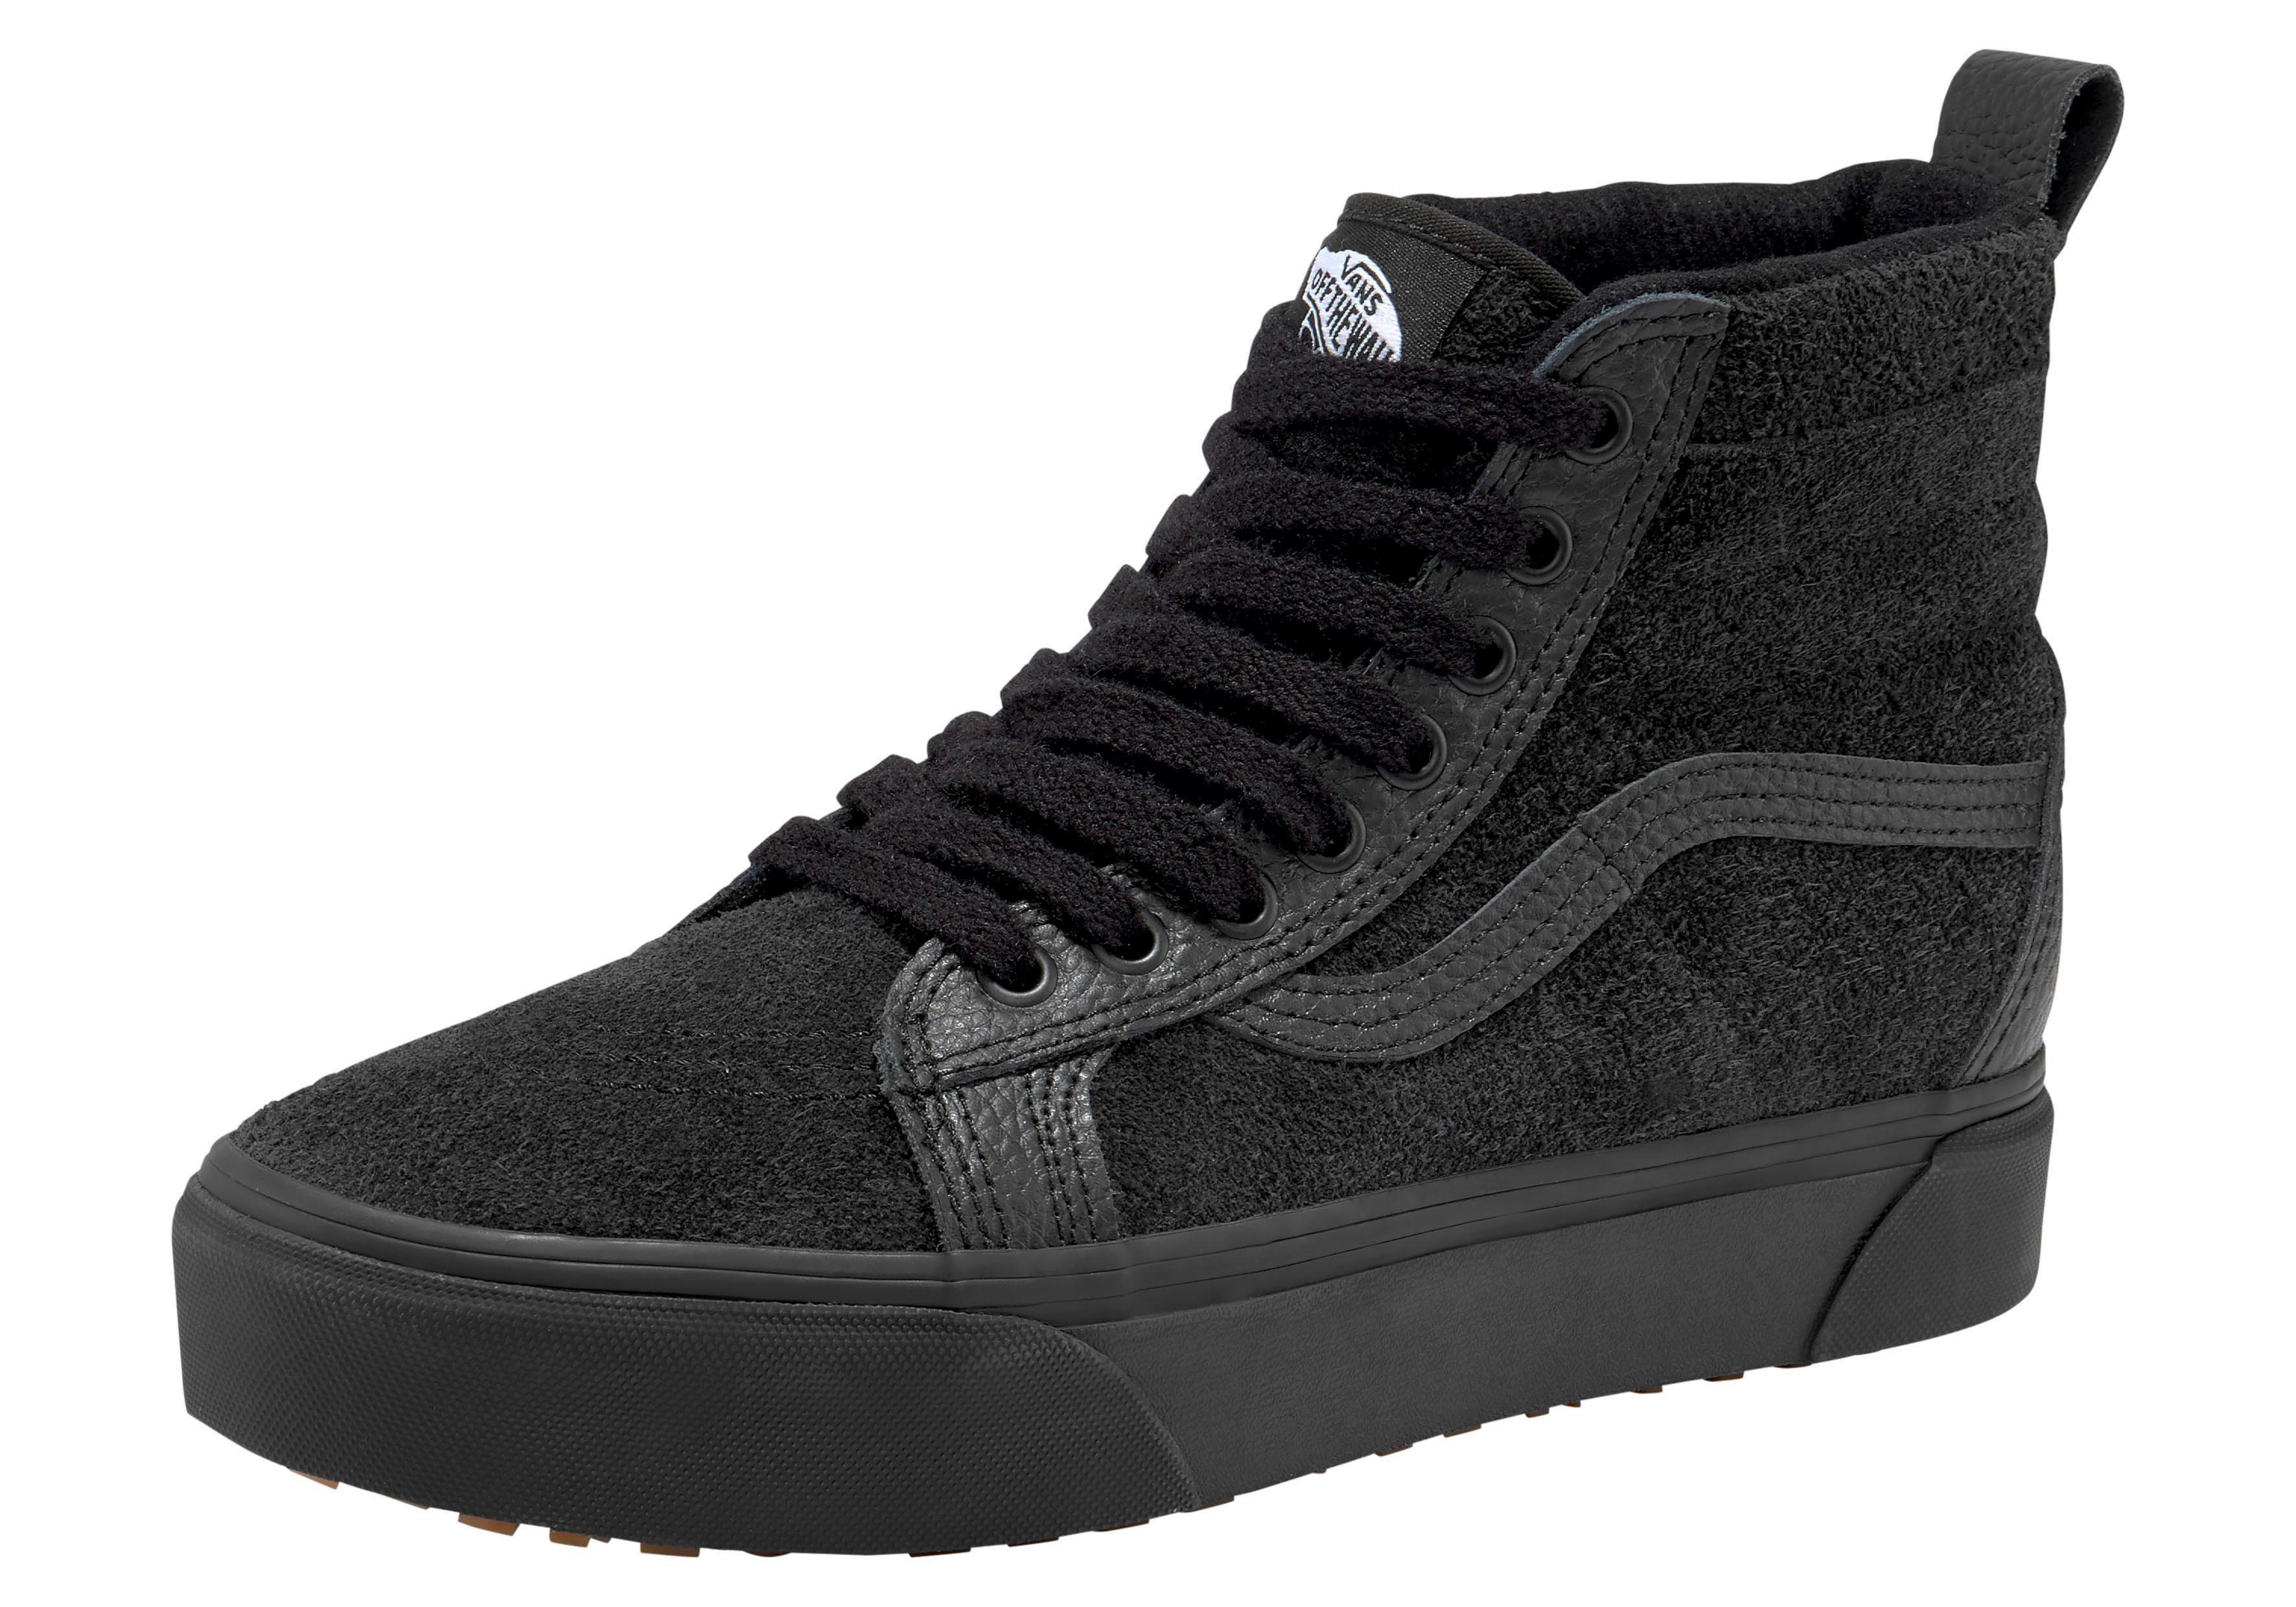 Vans »SK8 Hi Platform MT« Plateausneaker, Coole Neuinterpretation des Sneakerboots von Vans online kaufen | OTTO